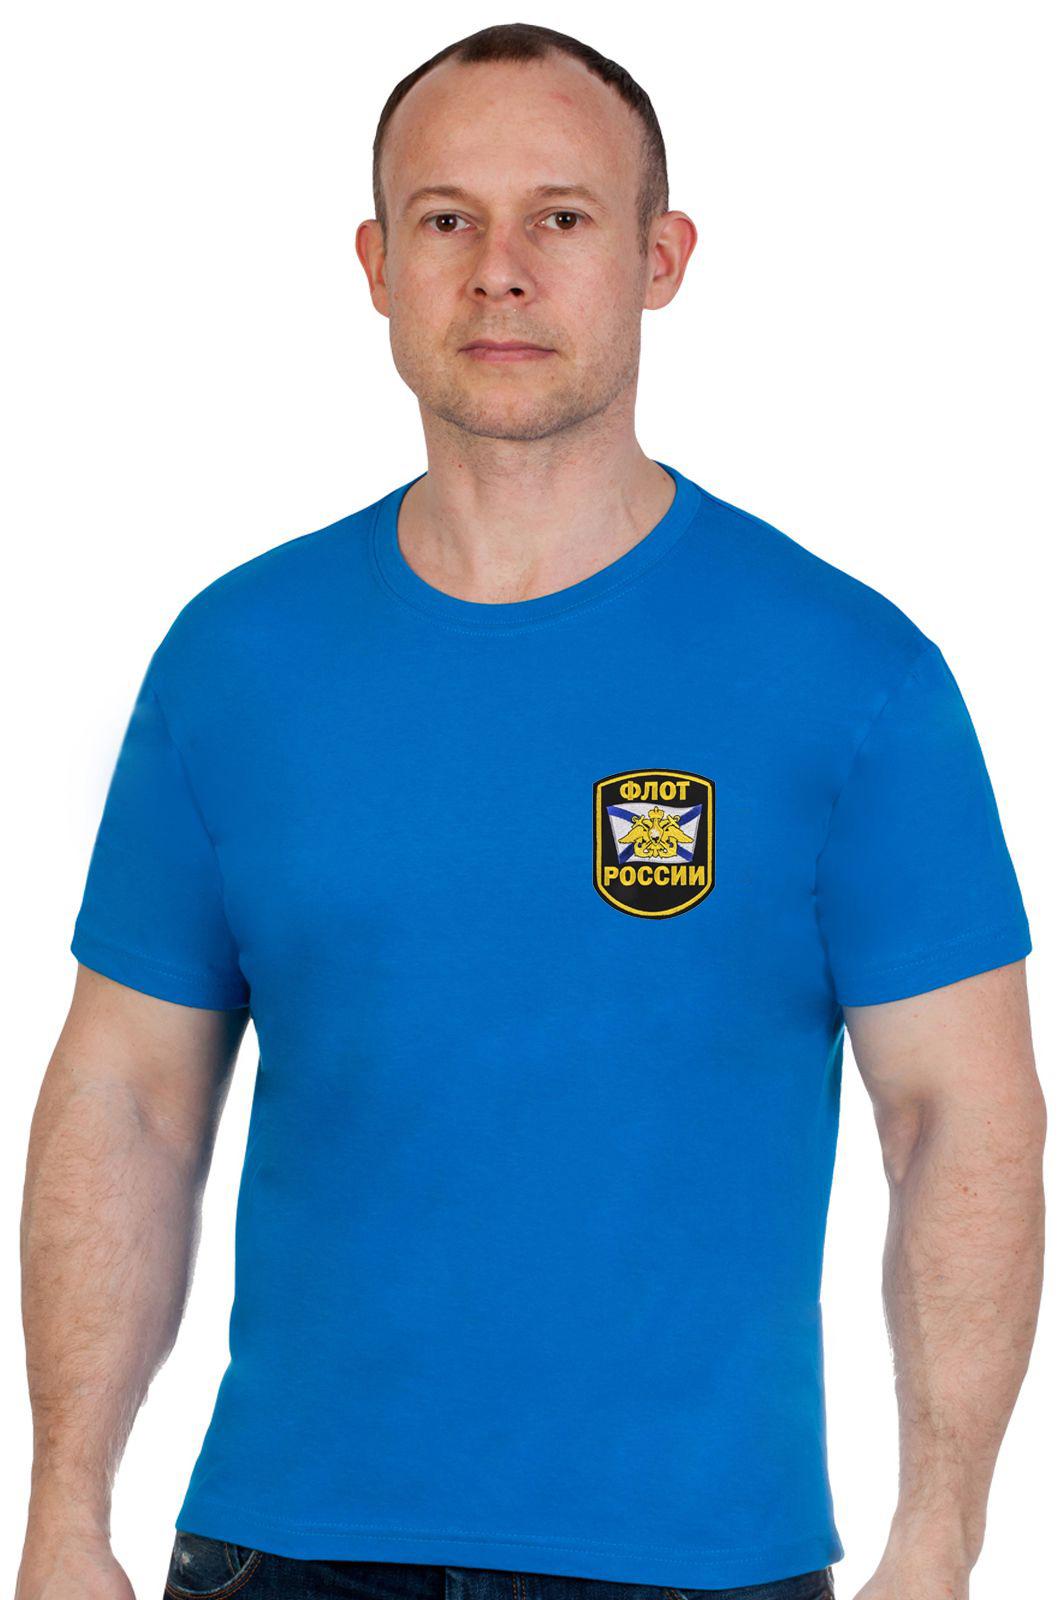 Купить оригинальную хлопковую футболку ФЛОТ РОССИИ в подарок моряку